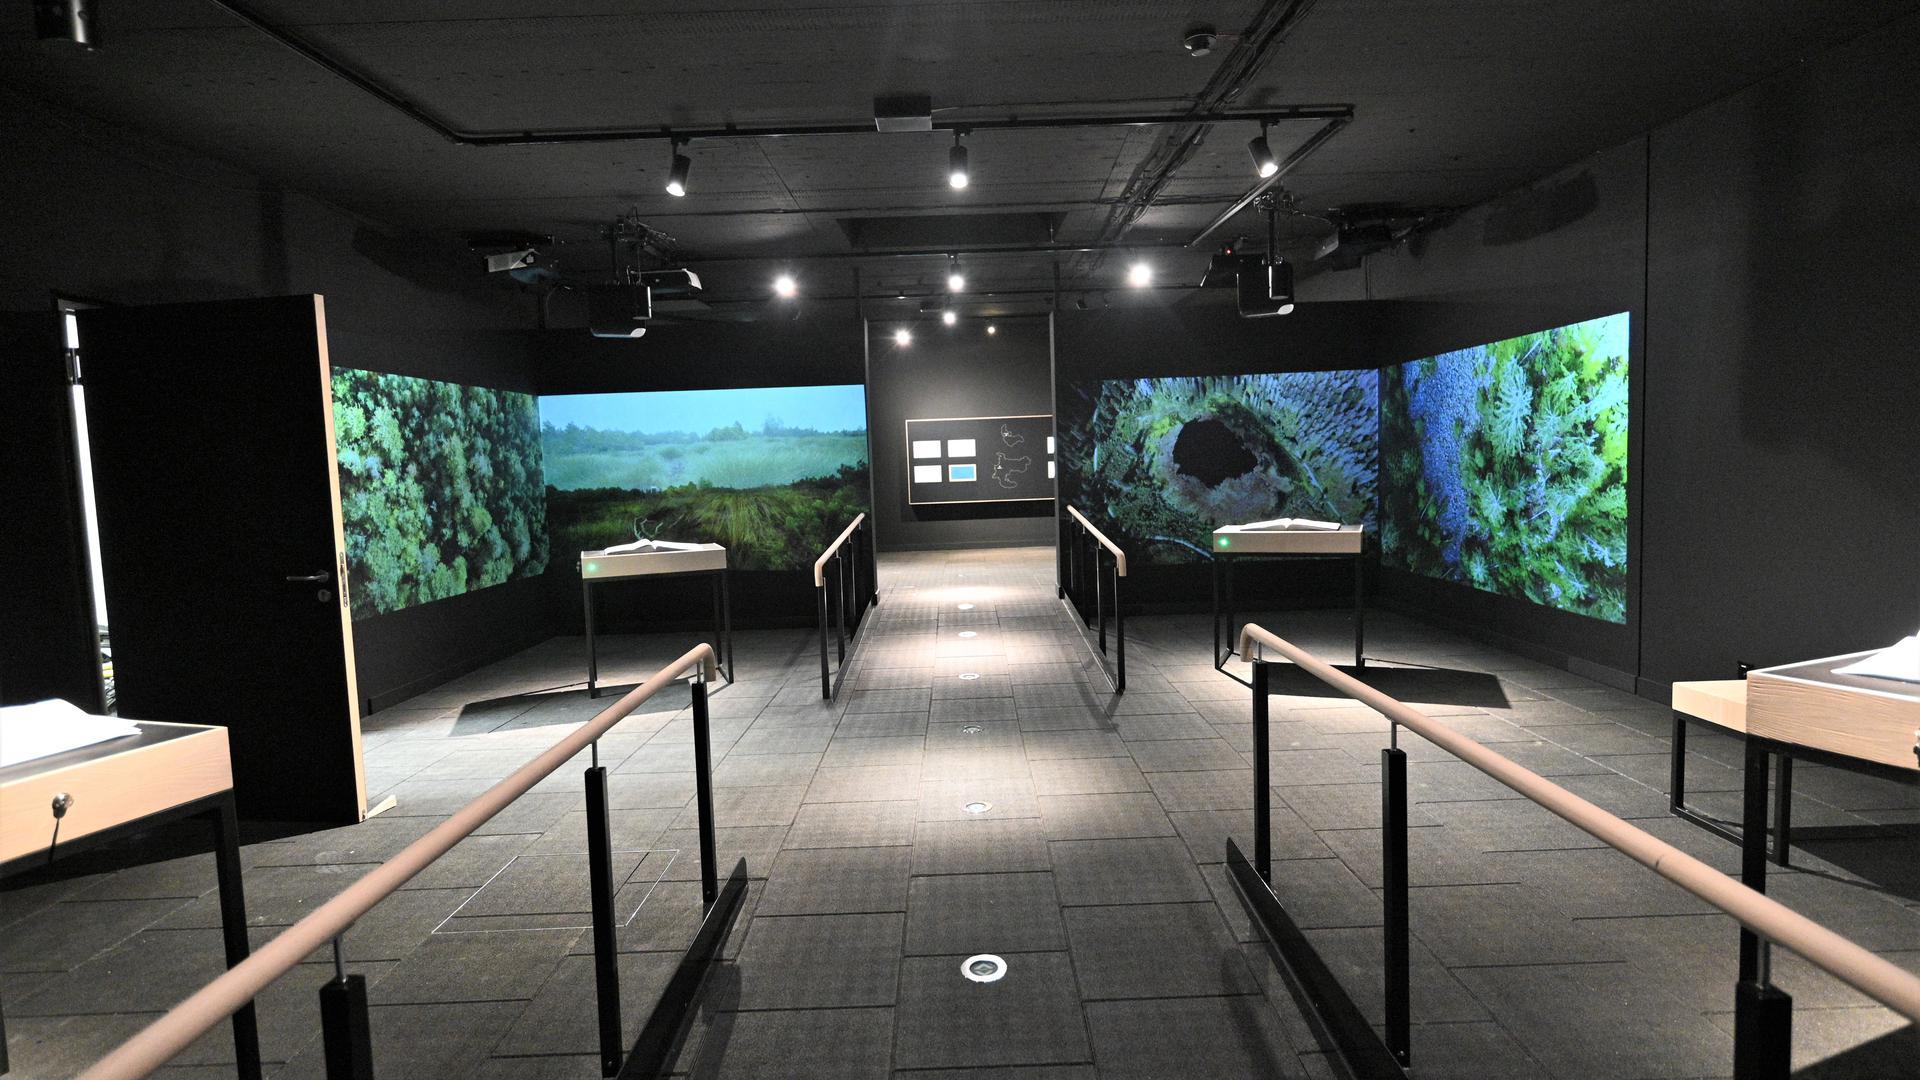 Blick in die Dauerausstellung: Videotechnik hat eine große Bedeutung